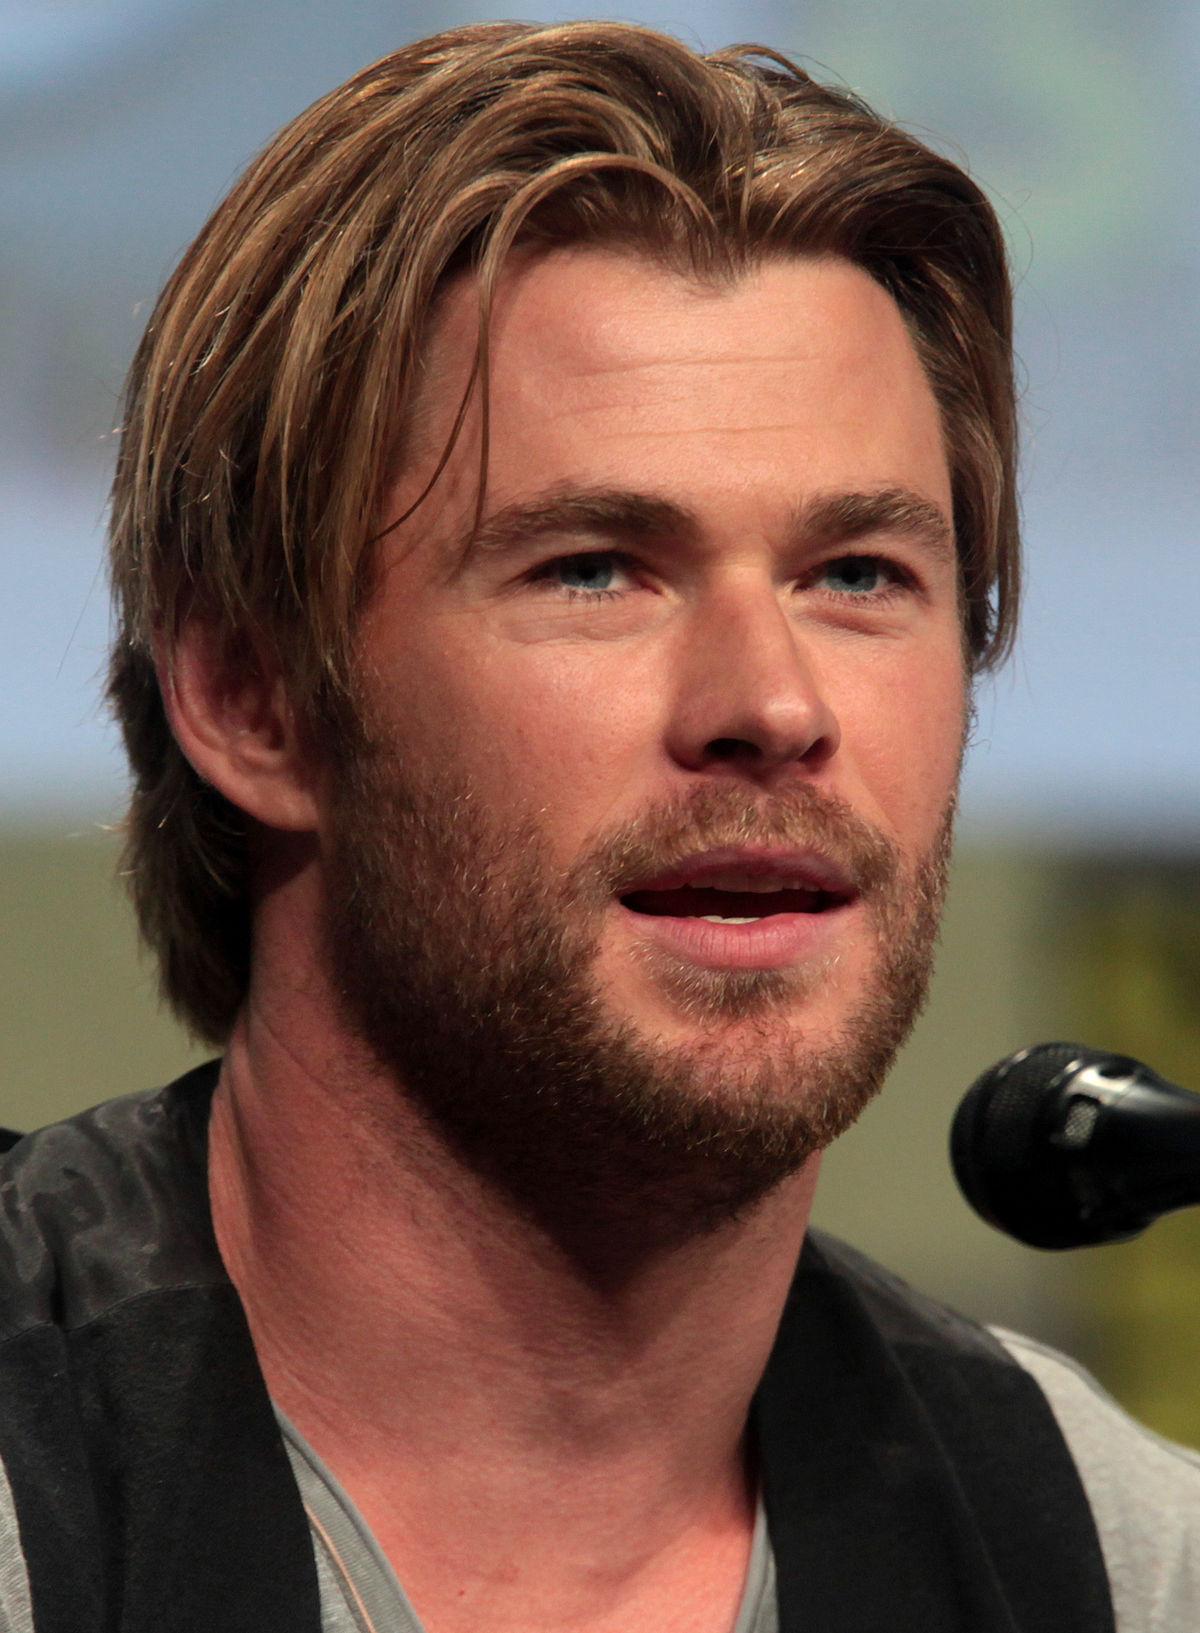 صور بطل Thor يفقد أكثر من نصف وزنه لماذا سيدي افضل موقع